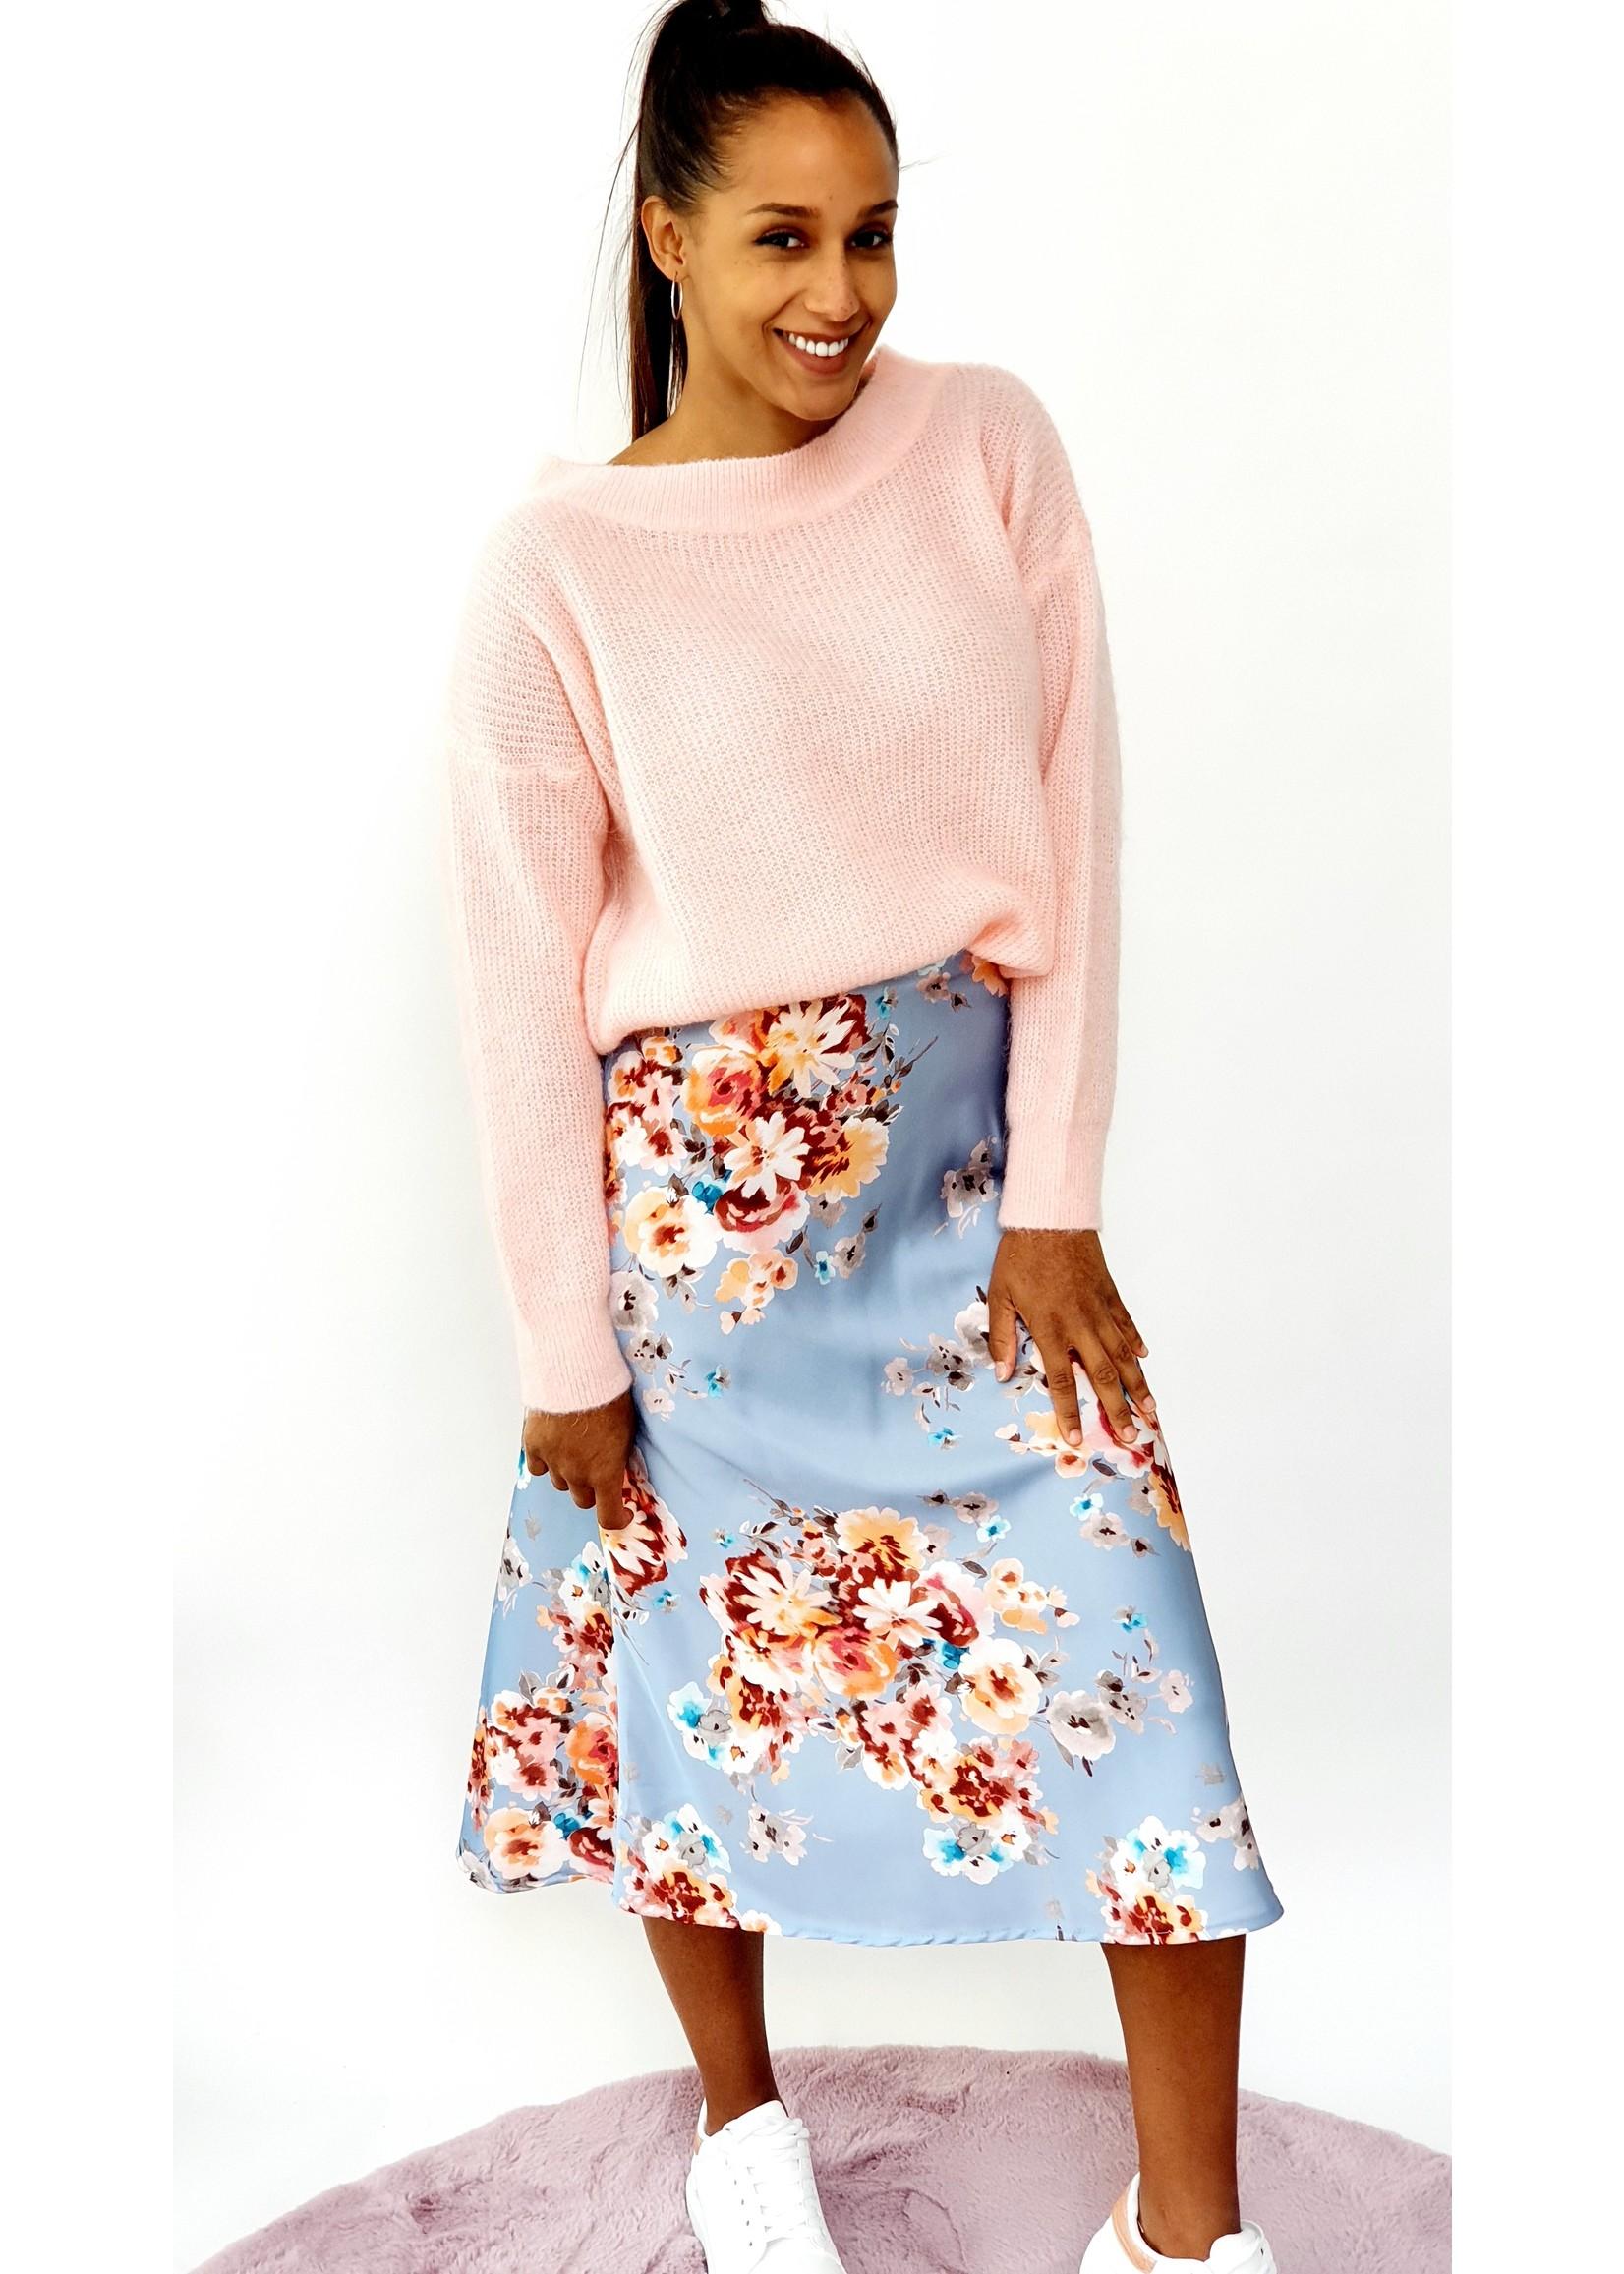 Shiny blue flower skirt